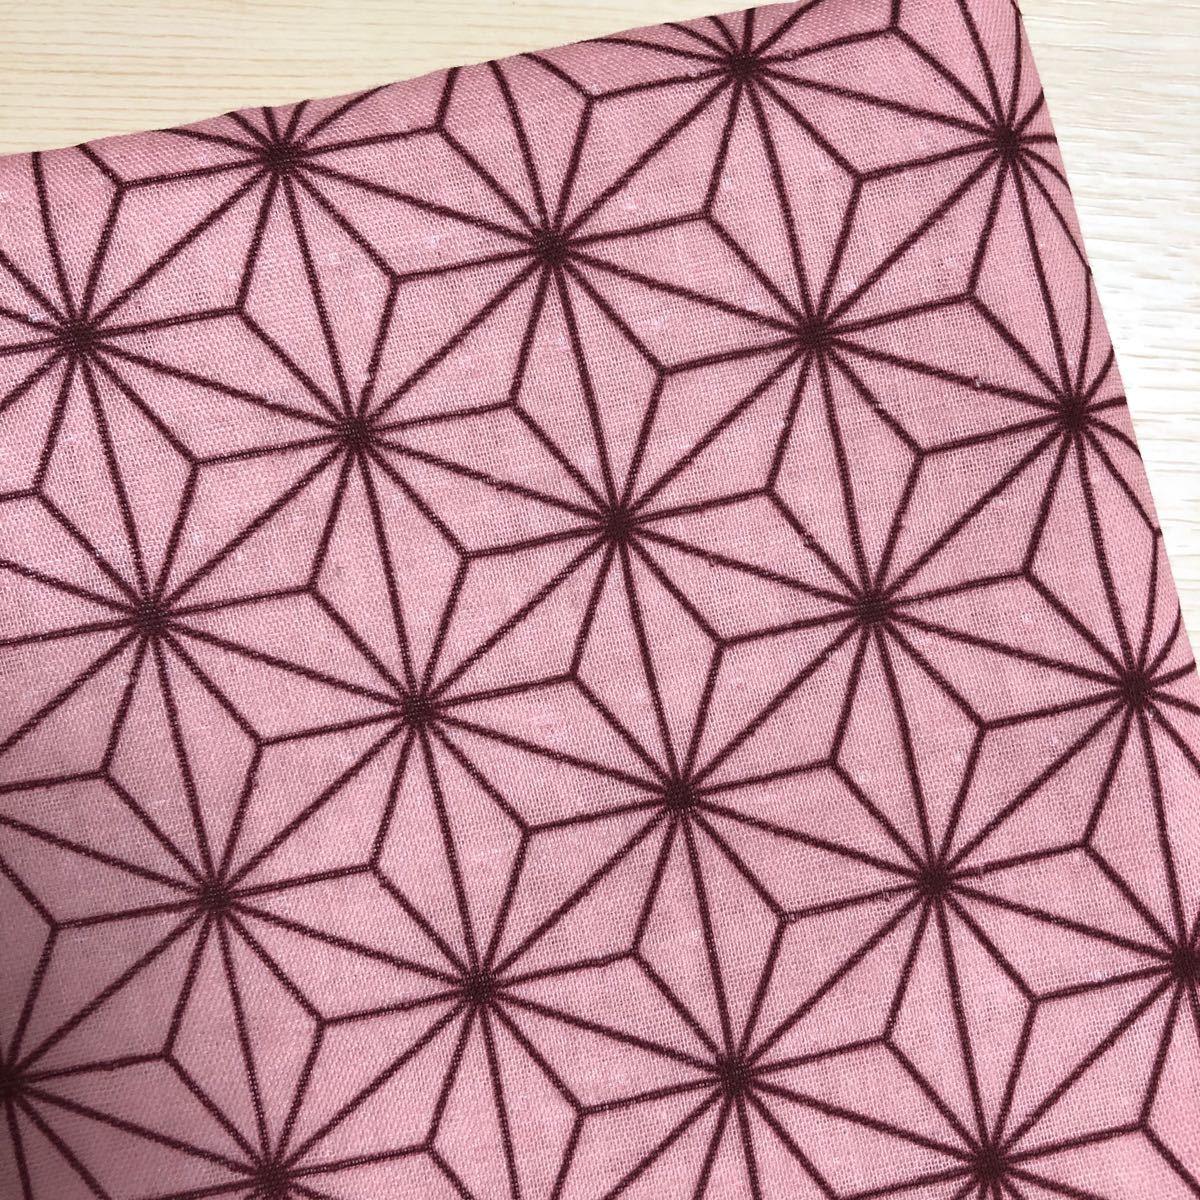 ダブルガーゼ 鬼滅の刃 麻の葉柄 ピンク 生地 はぎれ ハンドメイド 素材